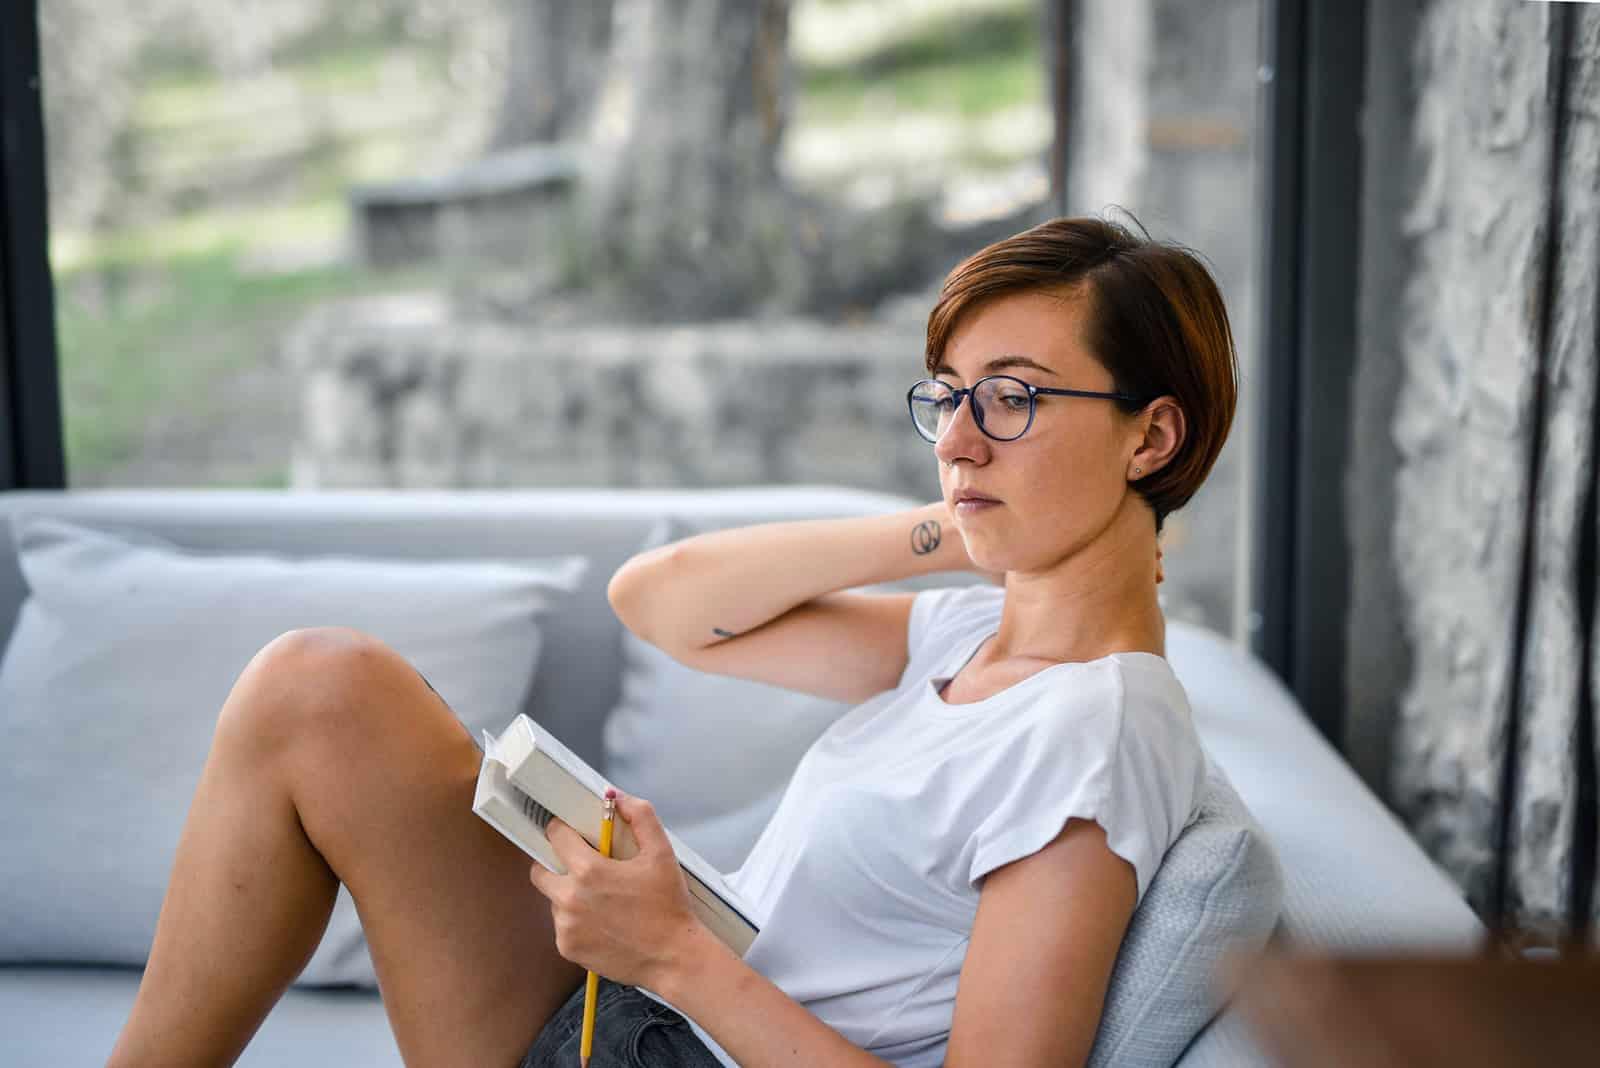 eine nachdenkliche Frau, die ein Buch hält, während sie auf dem Sofa sitzt